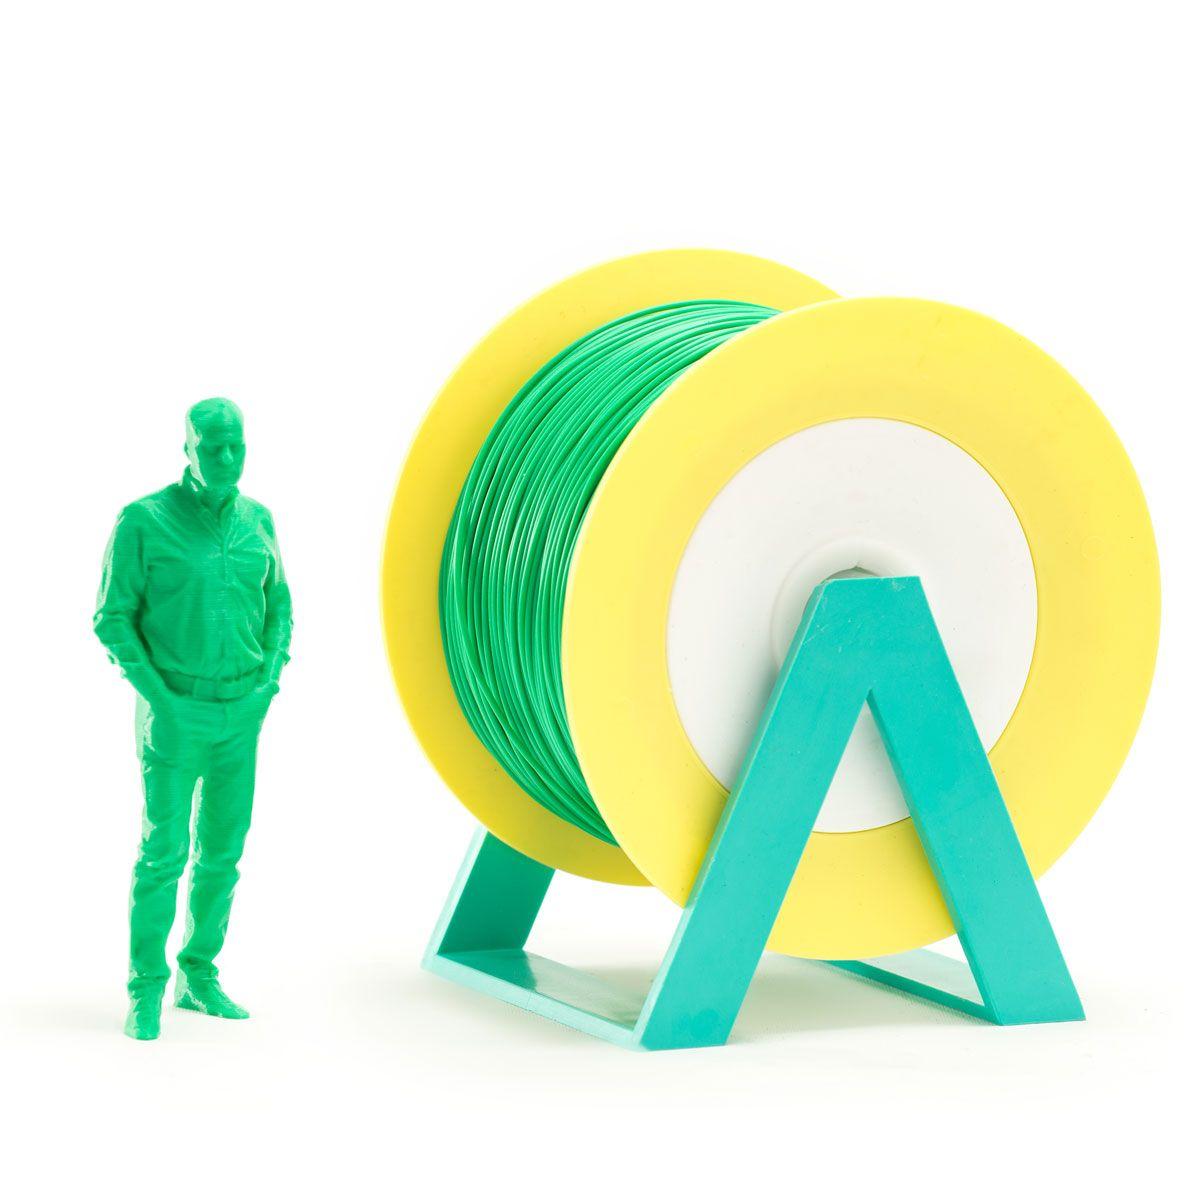 PLA Filament | Color: Green Fern